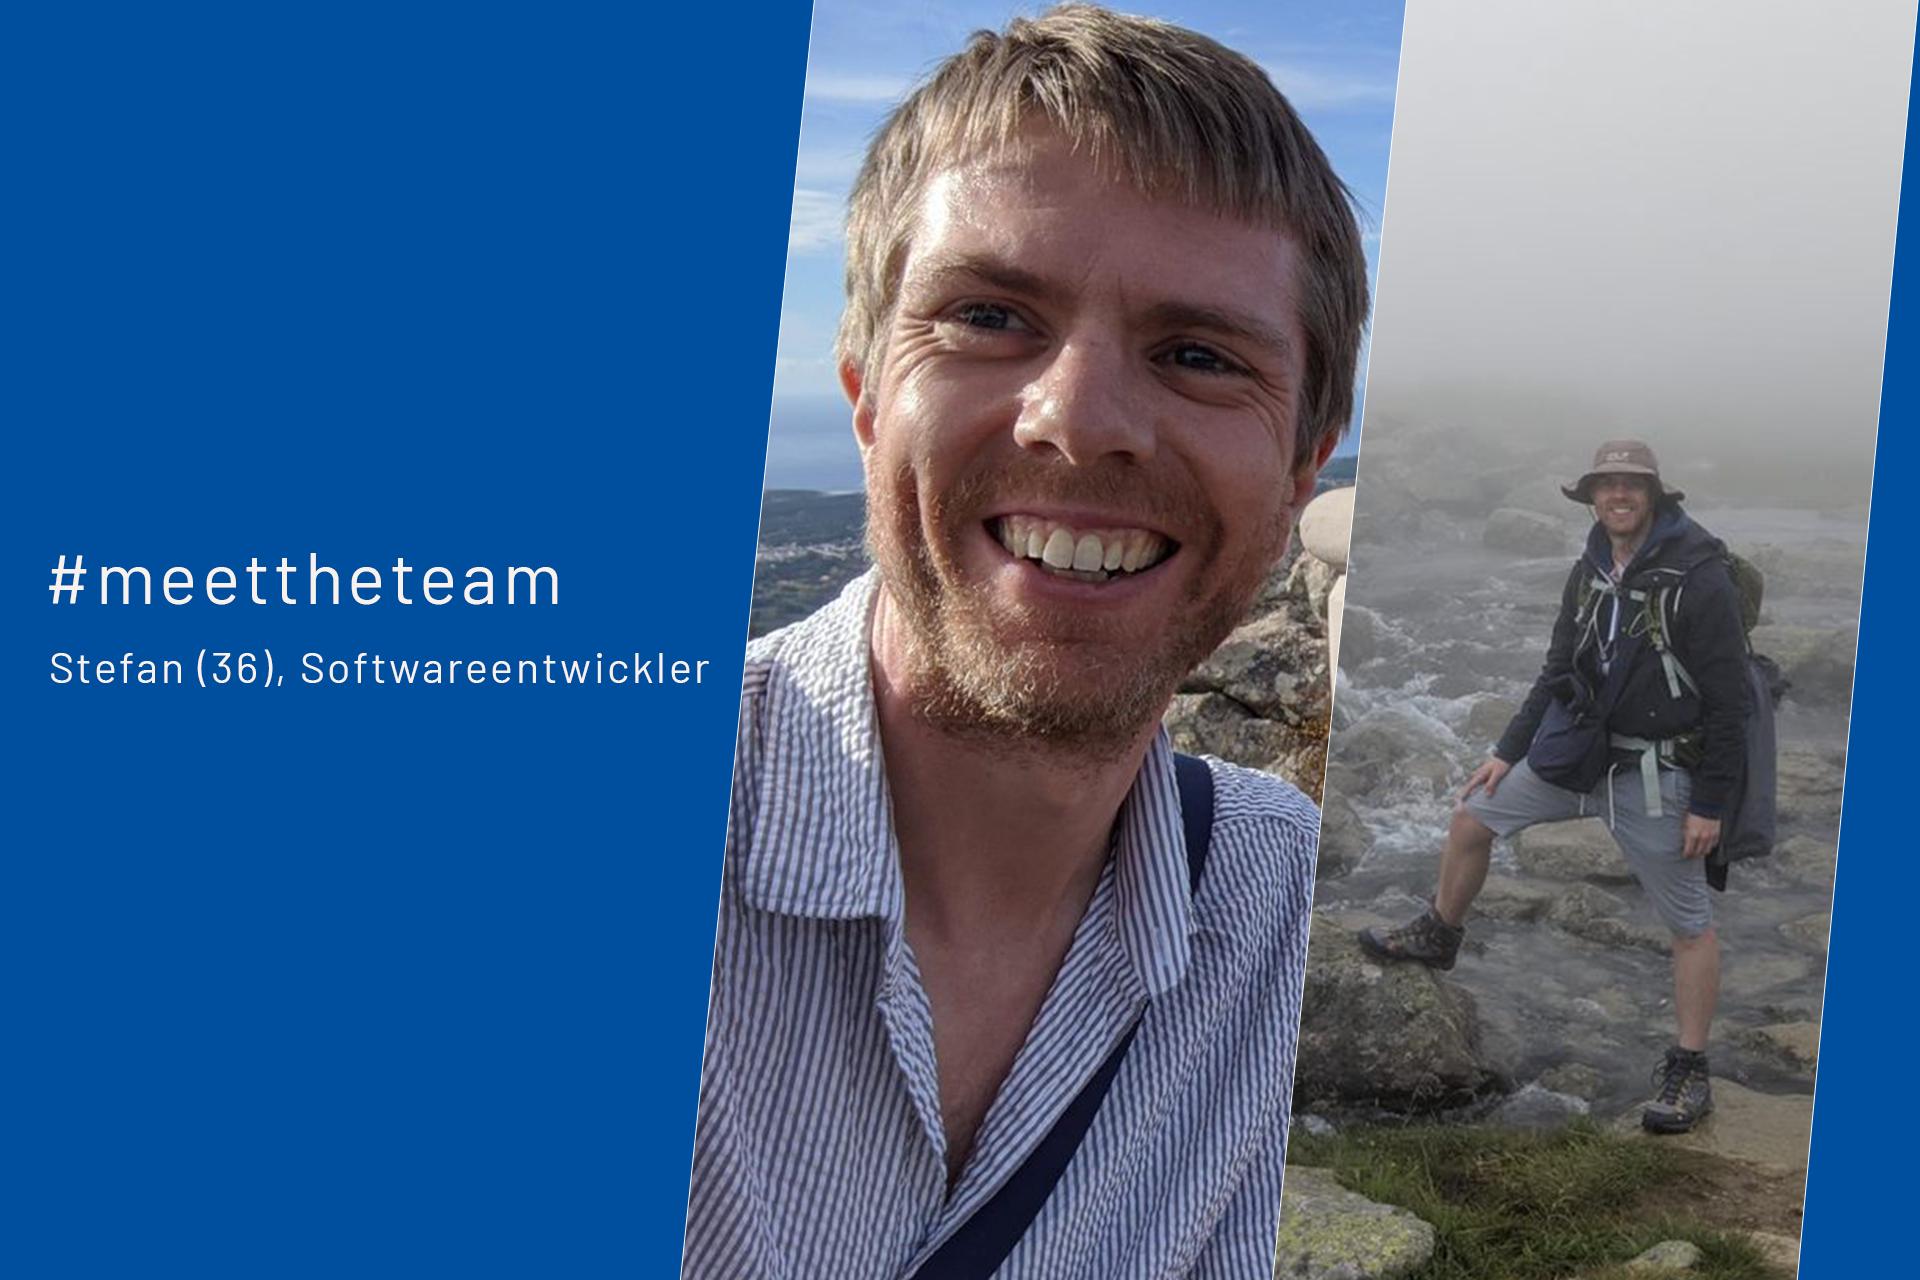 Vom Norden in den Süden Deutschlands: unser Softwareentwickler Stefan Glatz!